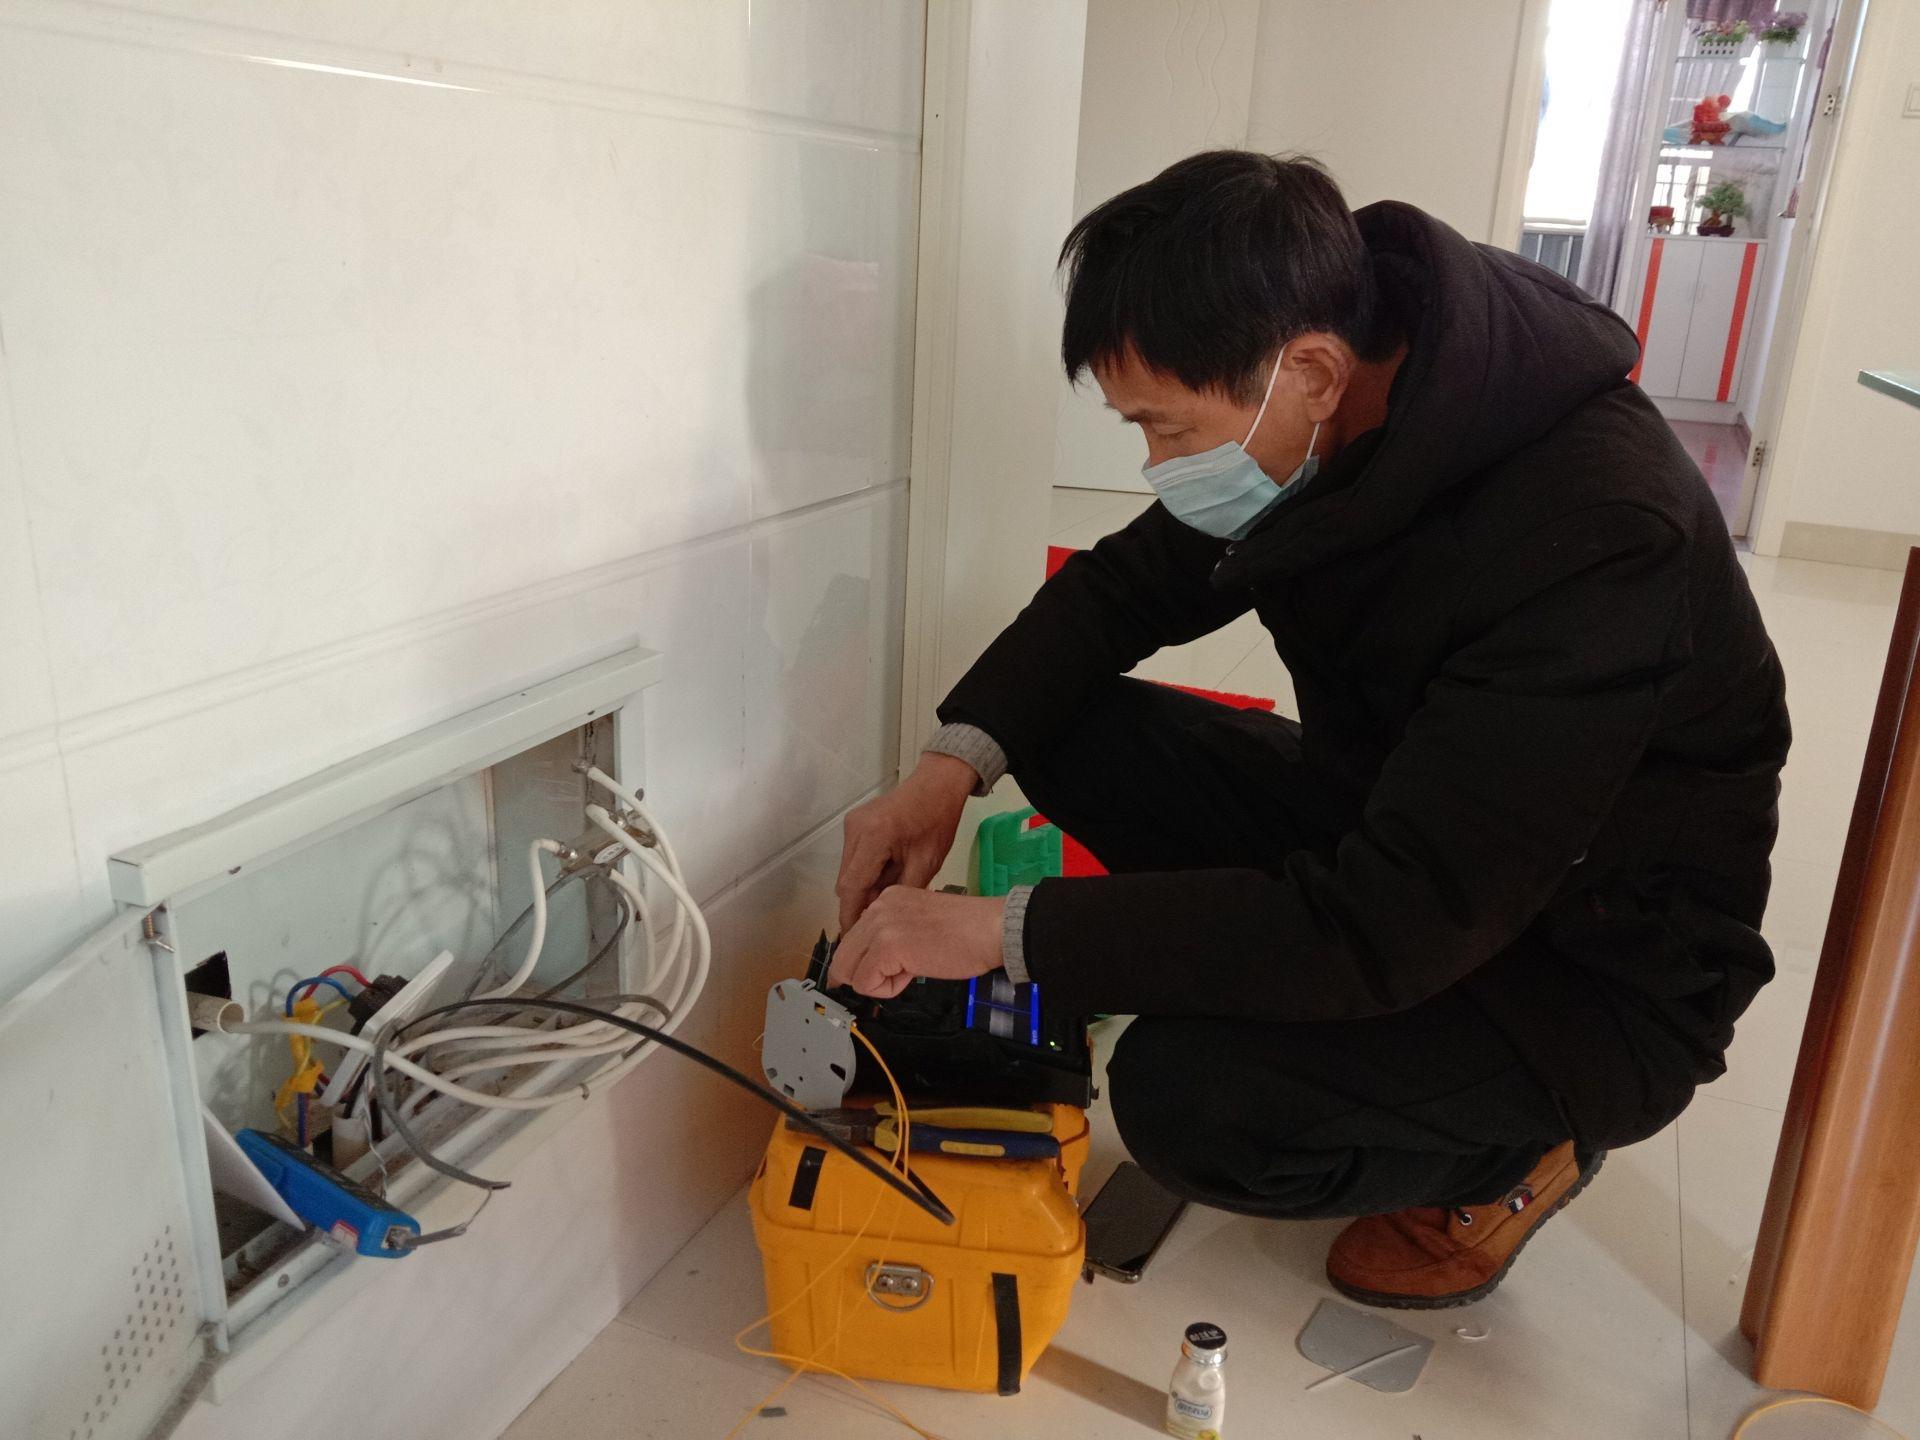 江苏有线建湖分公司:优质服务保障用户